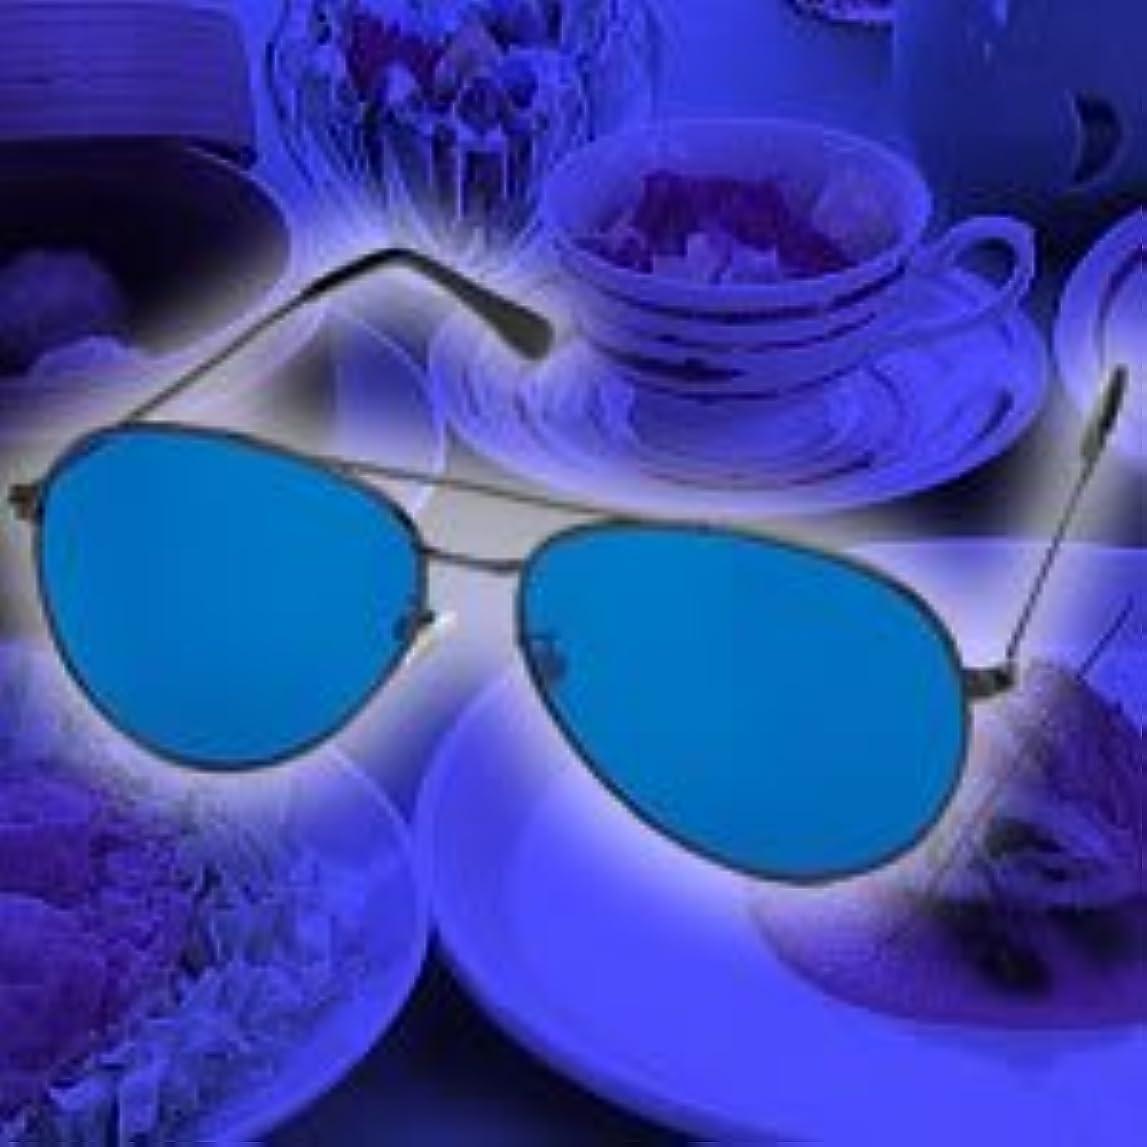 道徳説教ボクシング青色ダイエットめがね(青色めがね)食べる5分前に使用でダイエット 青色アイグラス リラックスで食欲を抑える 青色めがねダイエット